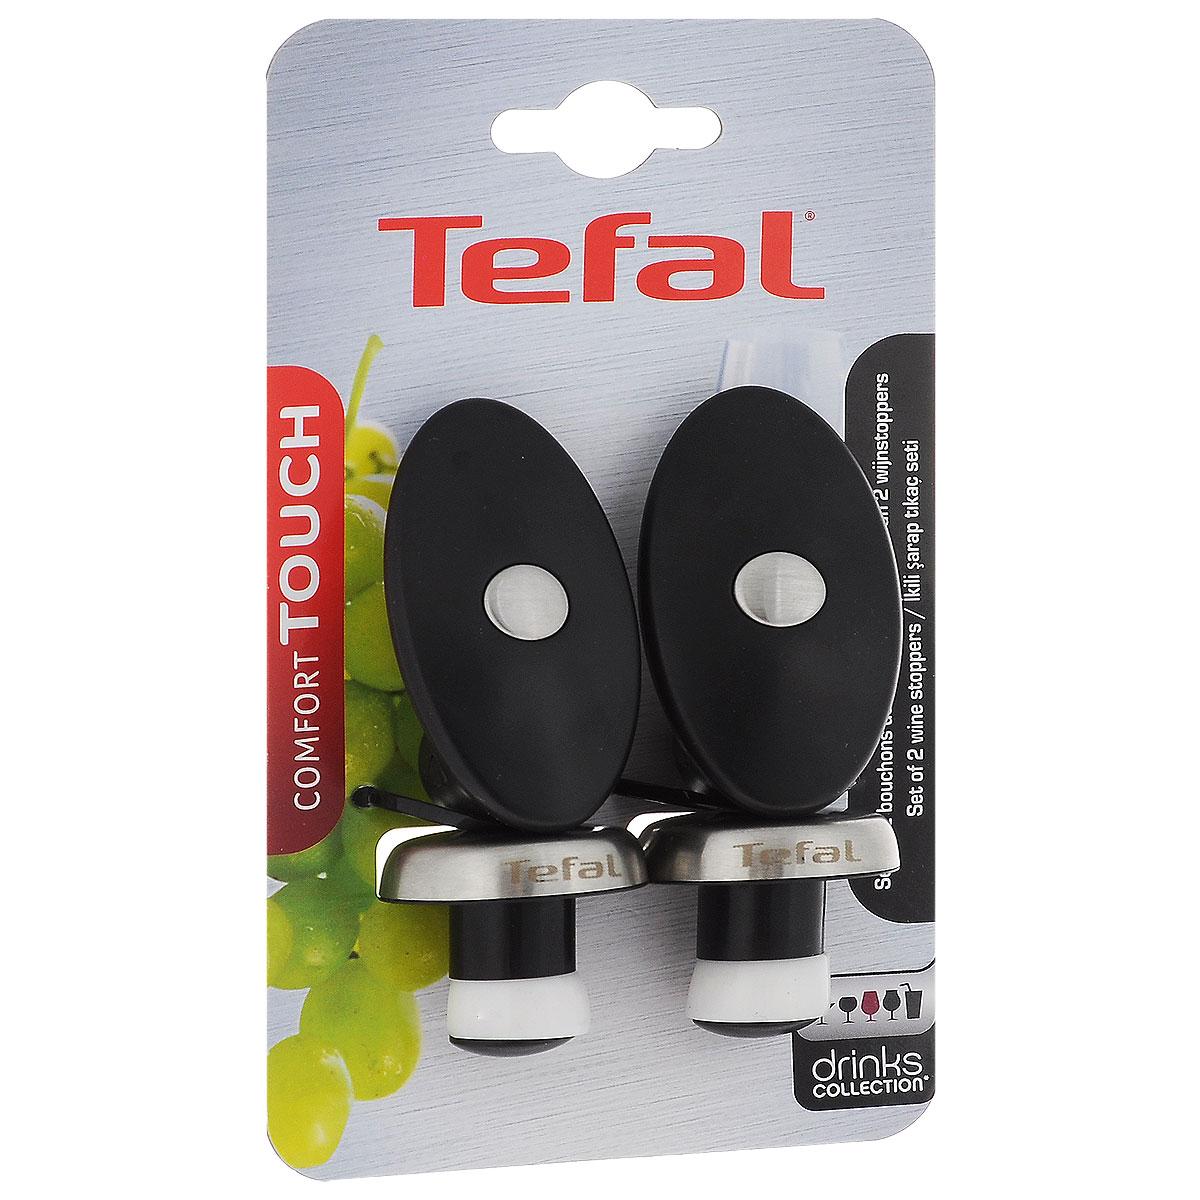 Набор пробок для бутылок Tefal Comfort Touch, 2 штVT-1520(SR)Набор пробок Tefal Comfort Touch, изготовленный из стали и пластика, станет полезным аксессуаром на вашей кухне. Пробки крепко вставляются в горлышко бутылки, что позволяет закрыть предотвратить выветривание вина и других напитков. Благодаря удобным ручкам вы с легкостью можете извлечь пробки из сосуда.Функциональность набора позволит ему занять достойное место в вашем кухонном инвентаре.Длина пробки: 10 см.